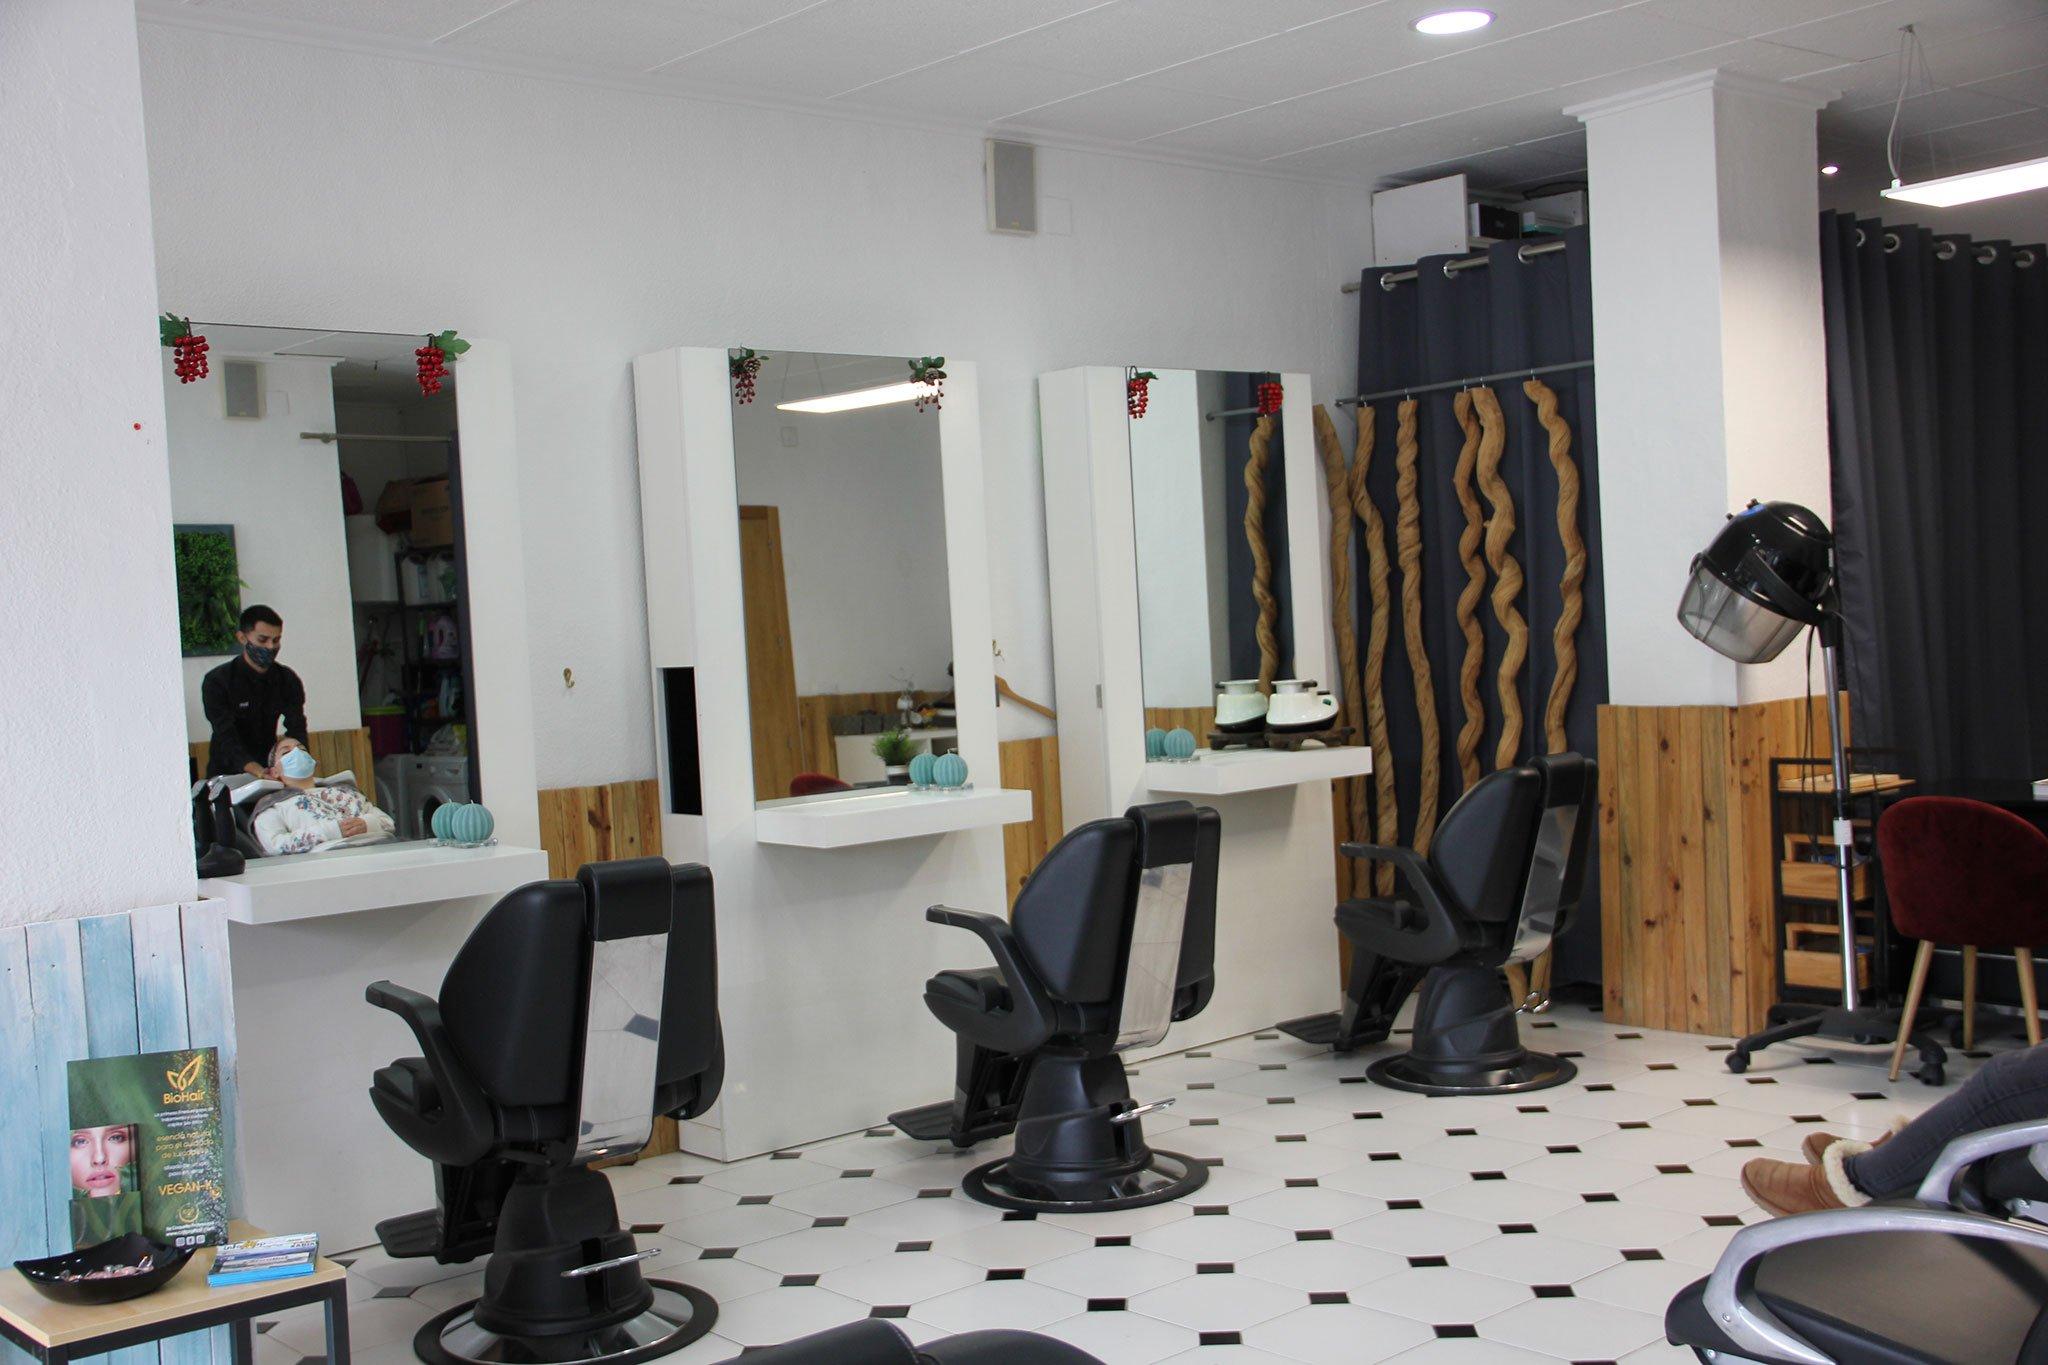 Sillones en un salón de peluquería en Jávea – Charlie & O